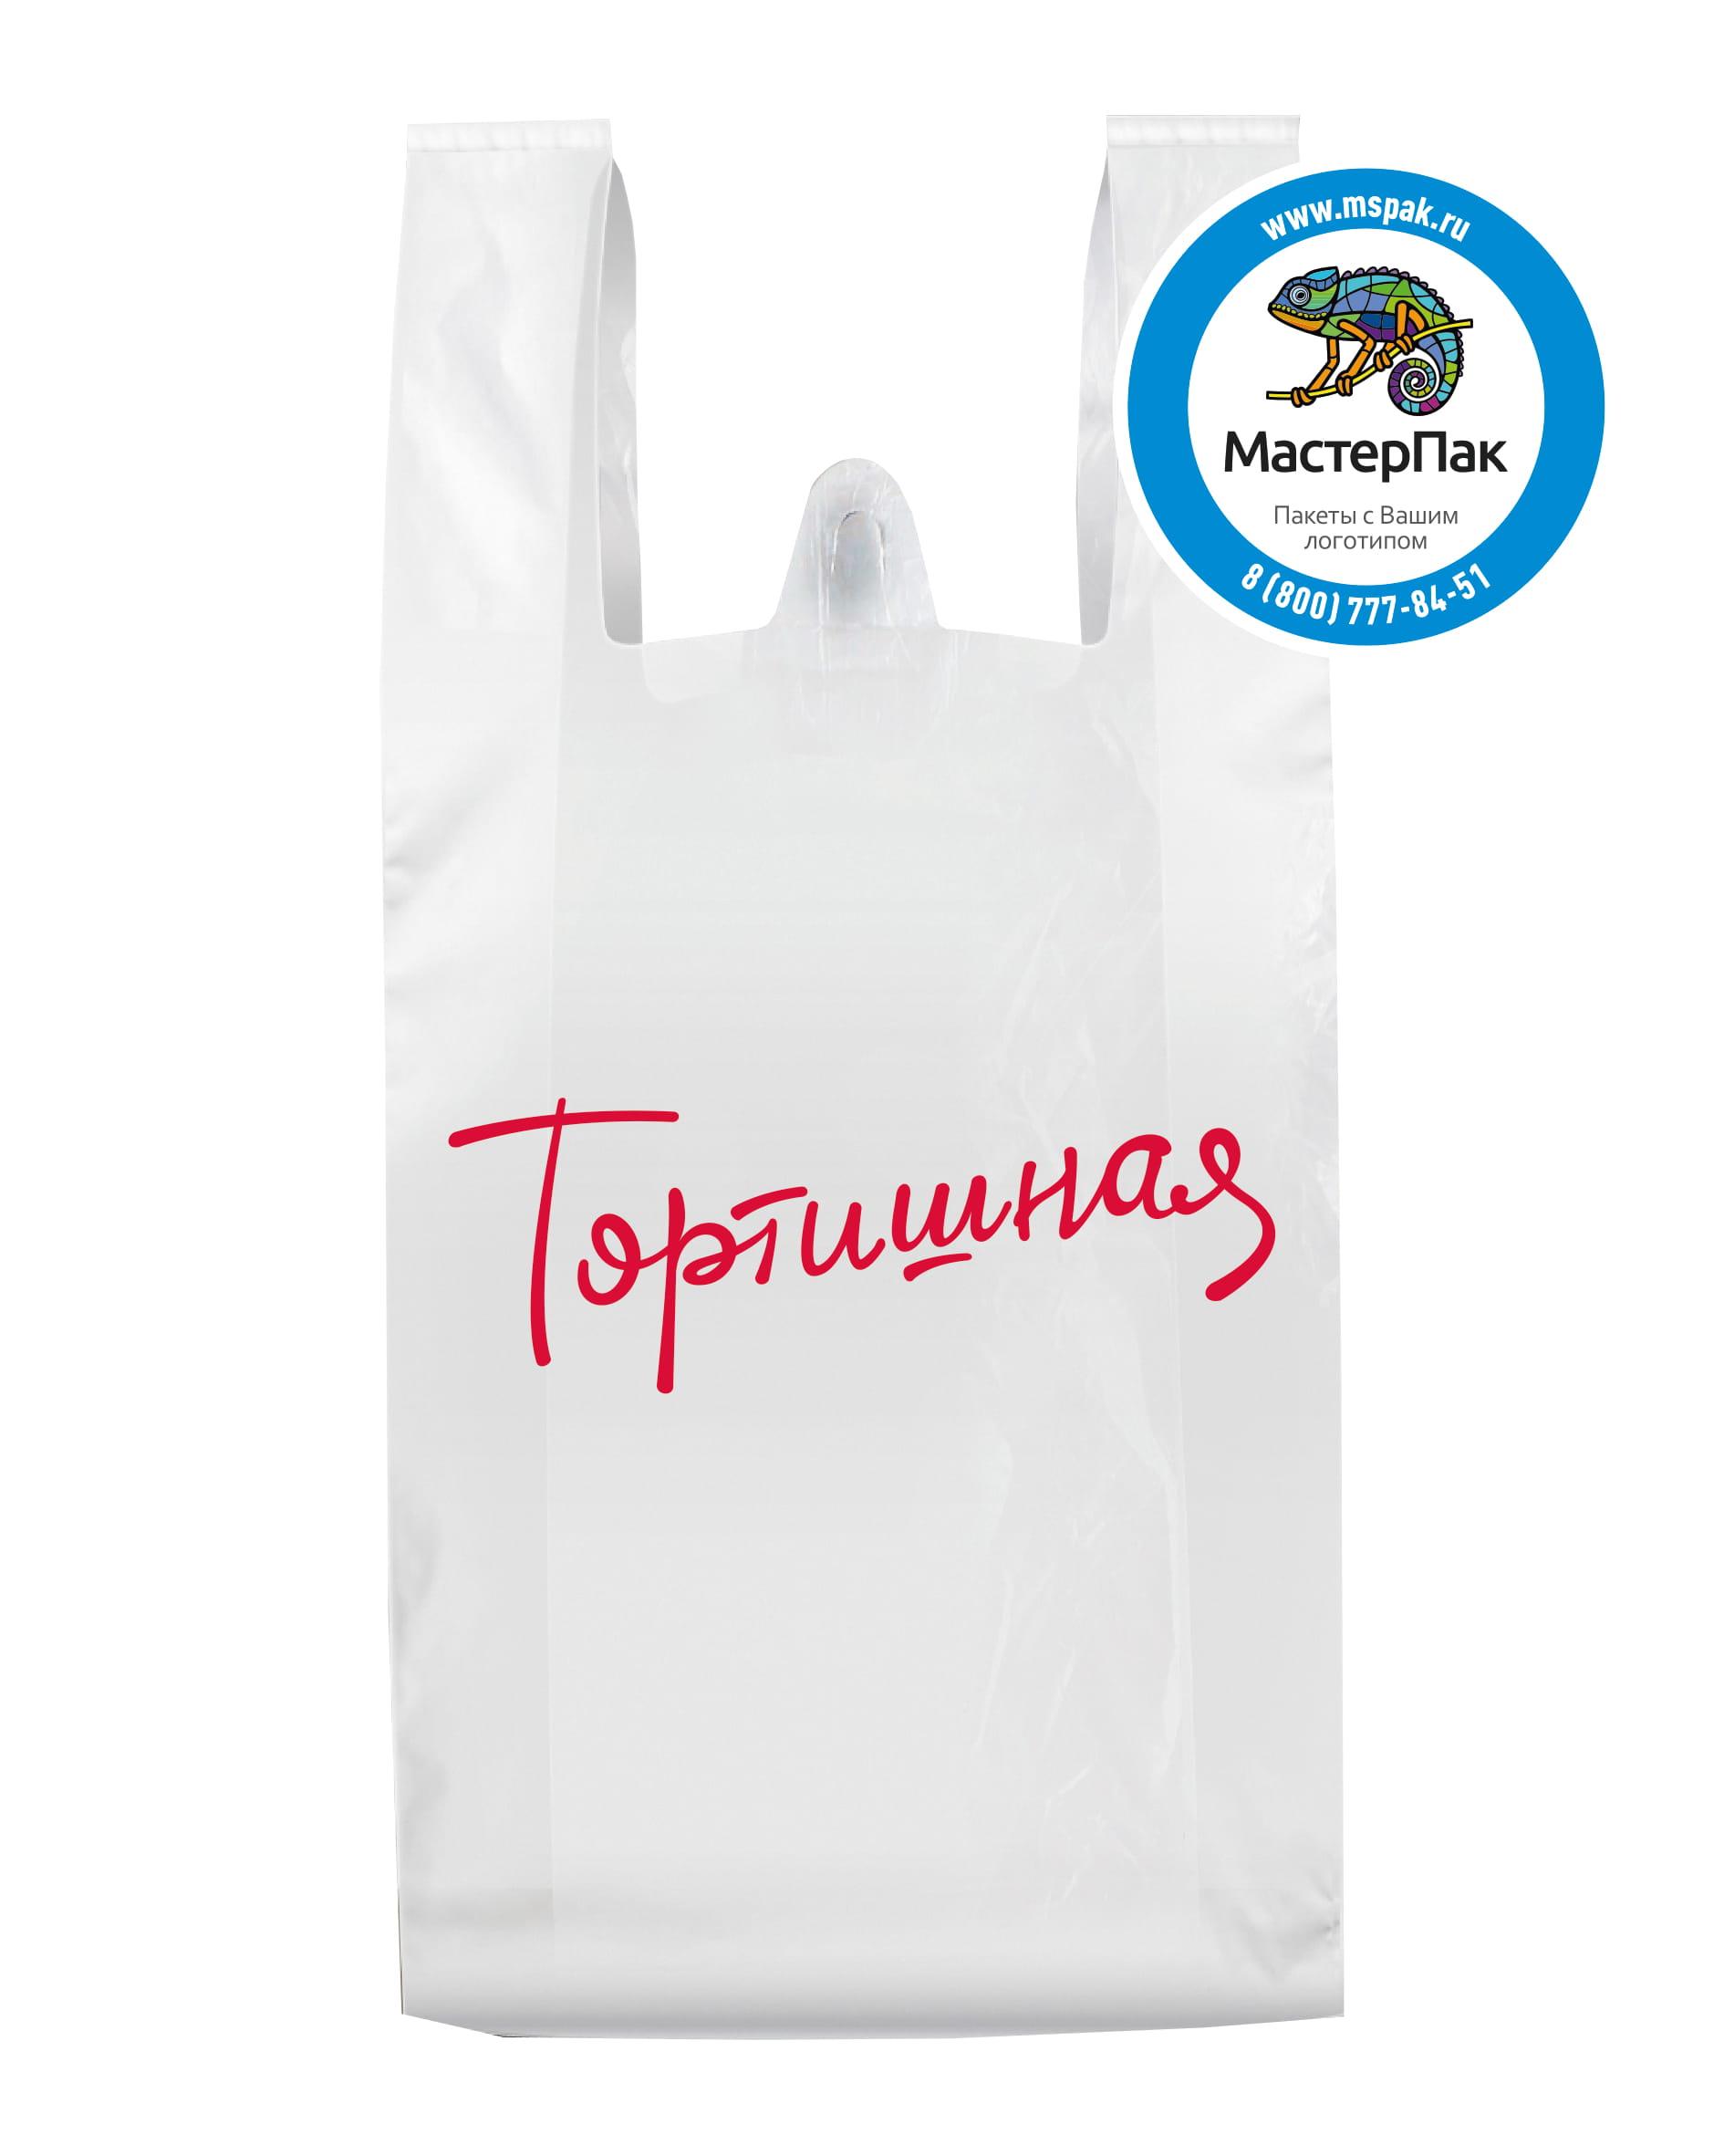 Пакет майка из ПНД, 25 мкм, белый цвет, размер 30+16*60 см, с лаконичным логотипом сети кондитерских «Тортишная»